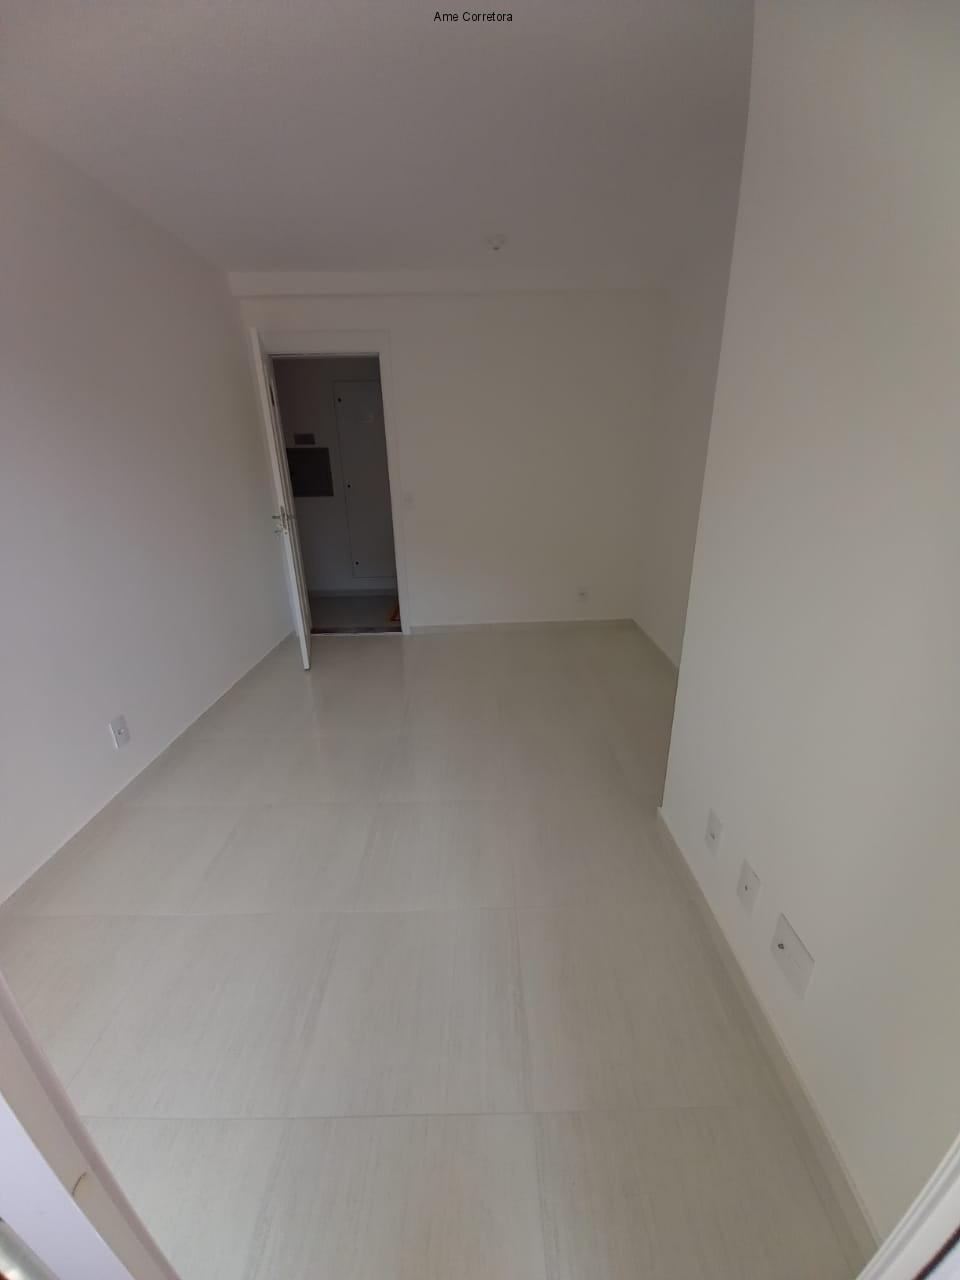 FOTO 04 - Apartamento 2 quartos à venda Taquara, Rio de Janeiro - R$ 270.000 - AP00389 - 5